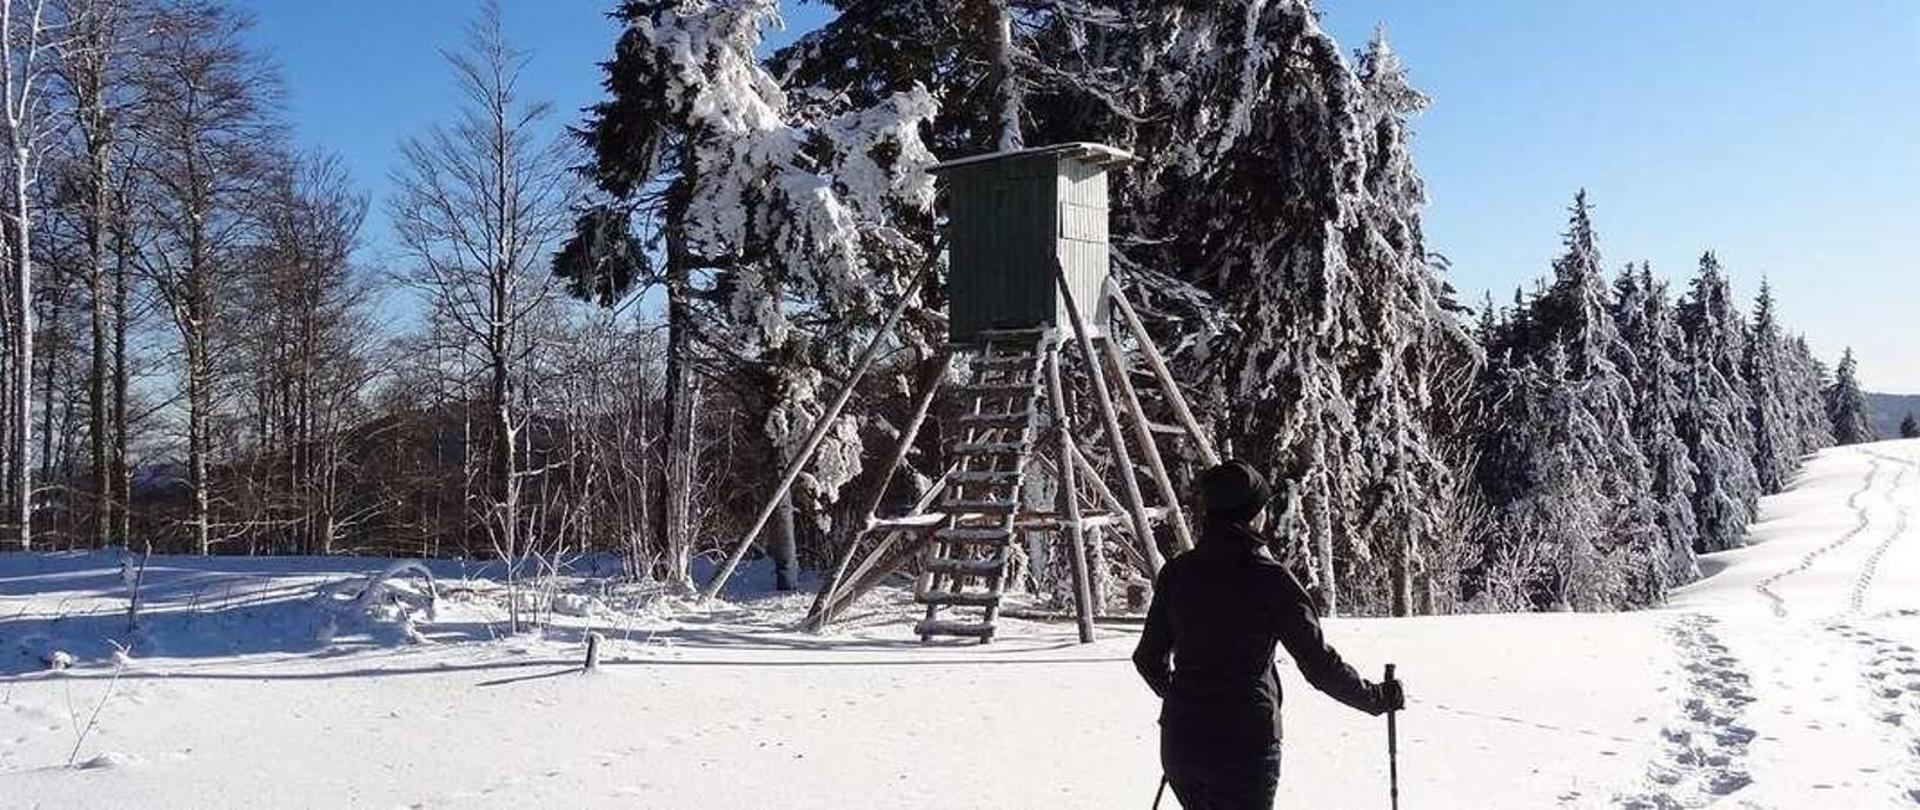 schneeschuhlaufen3-1.jpg